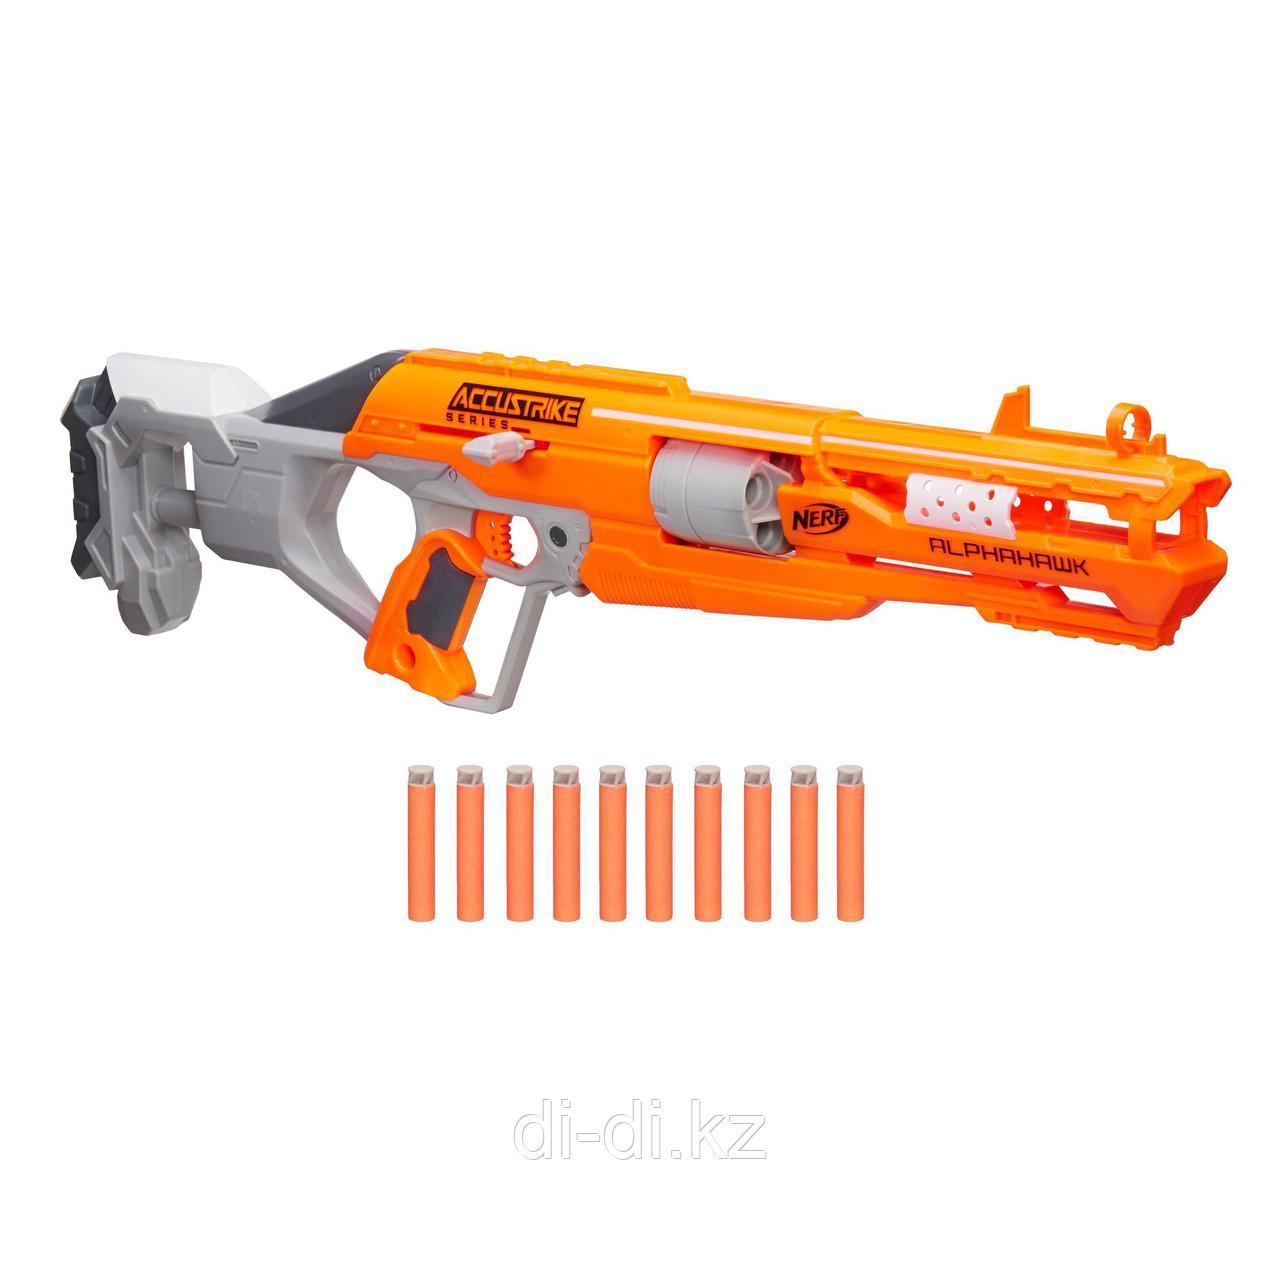 Игрушечное оружие NRF АККУСТРАЙК Альфахок (бластер)